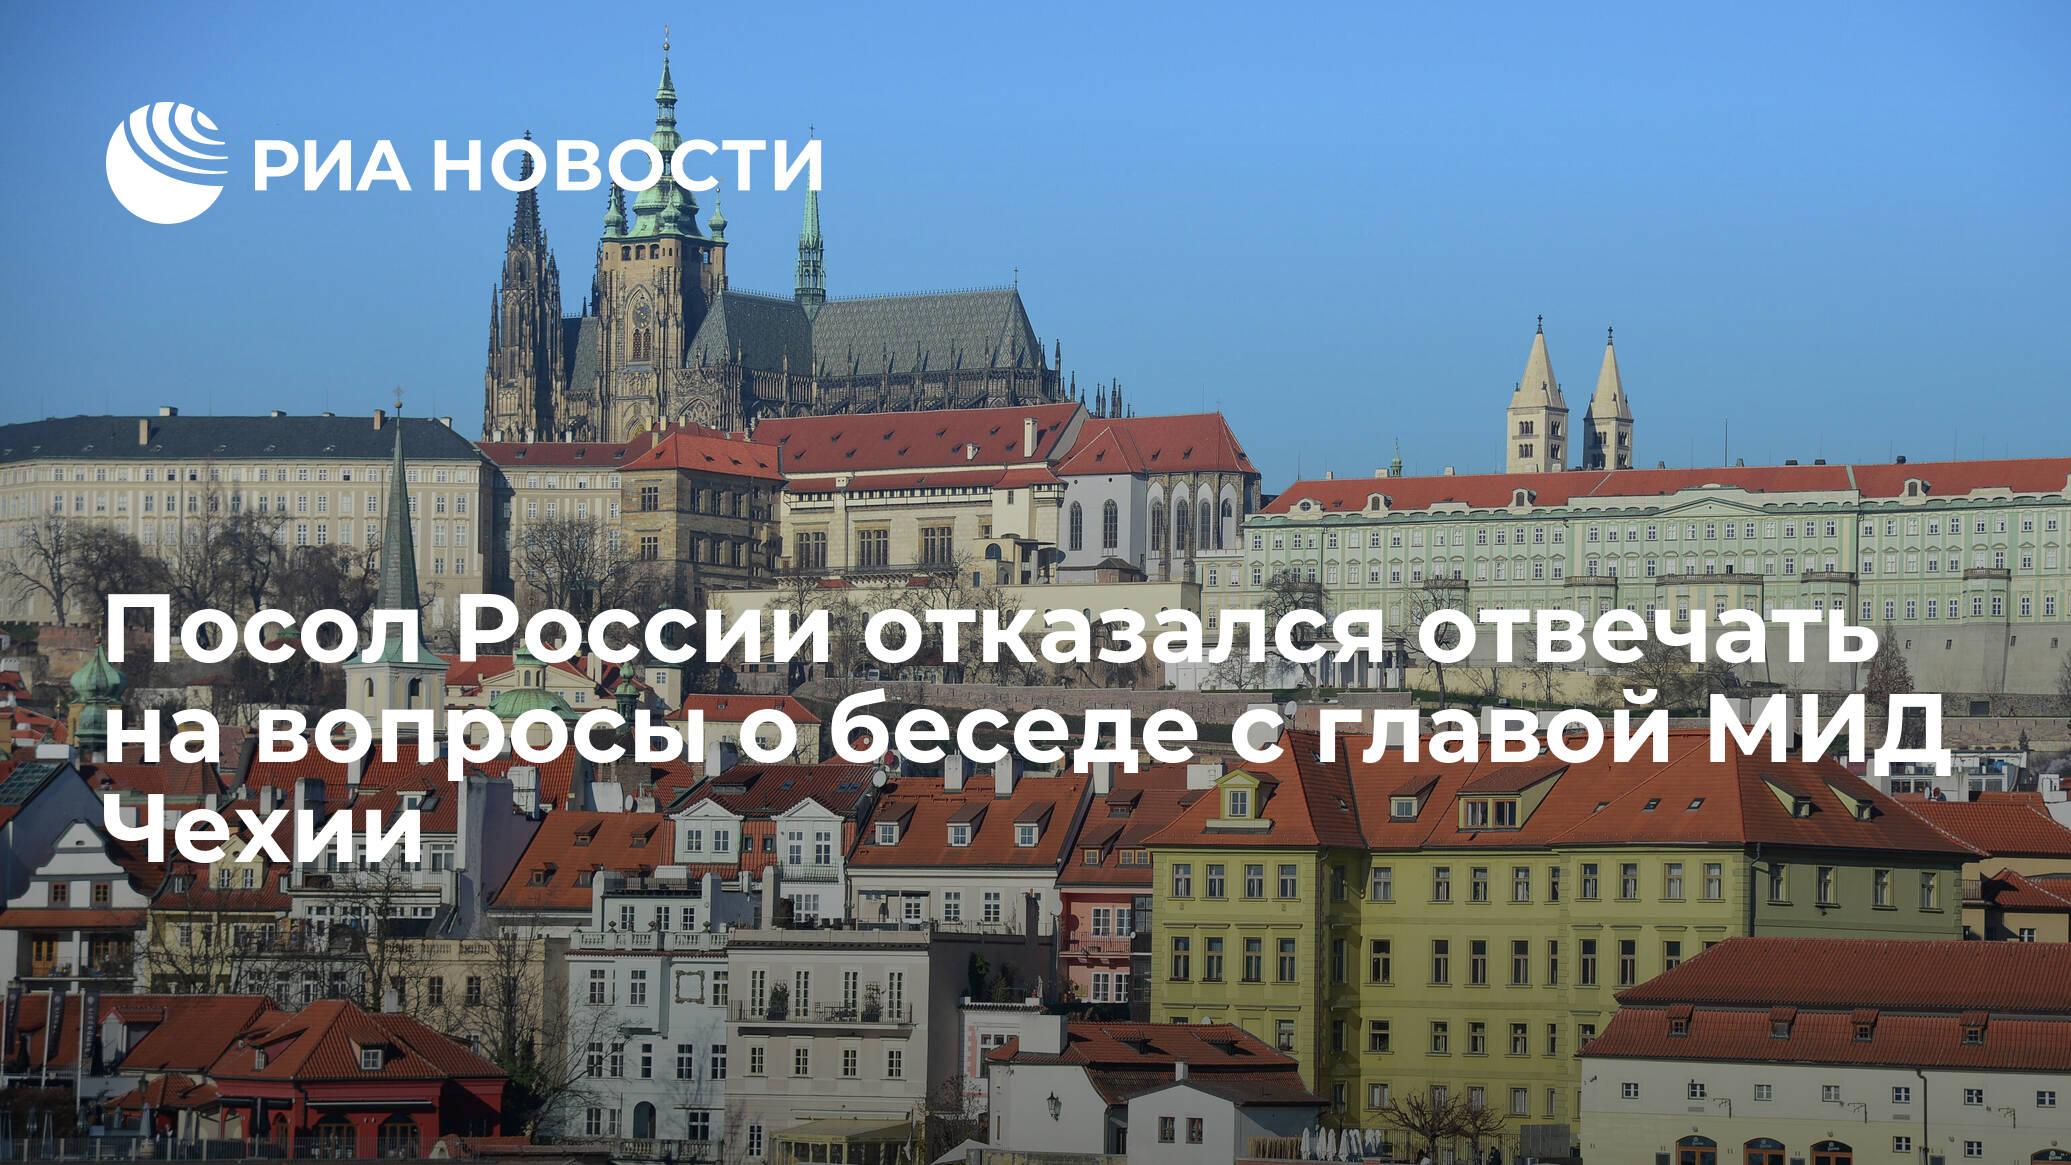 Посол России отказался отвечать на вопрос о беседе с главой МИД Чехии